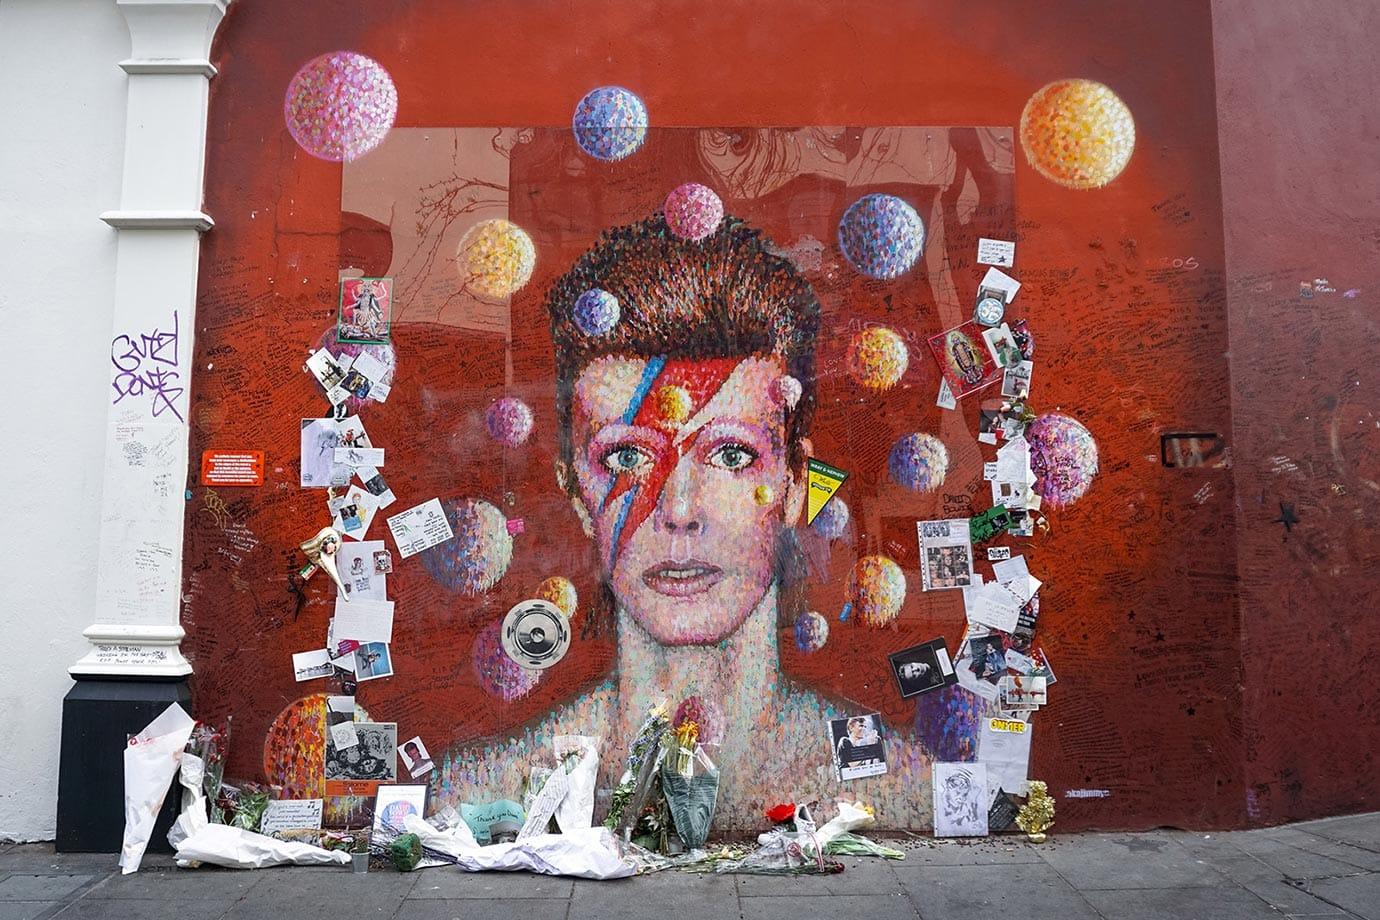 David Bowie memorial, Brixton